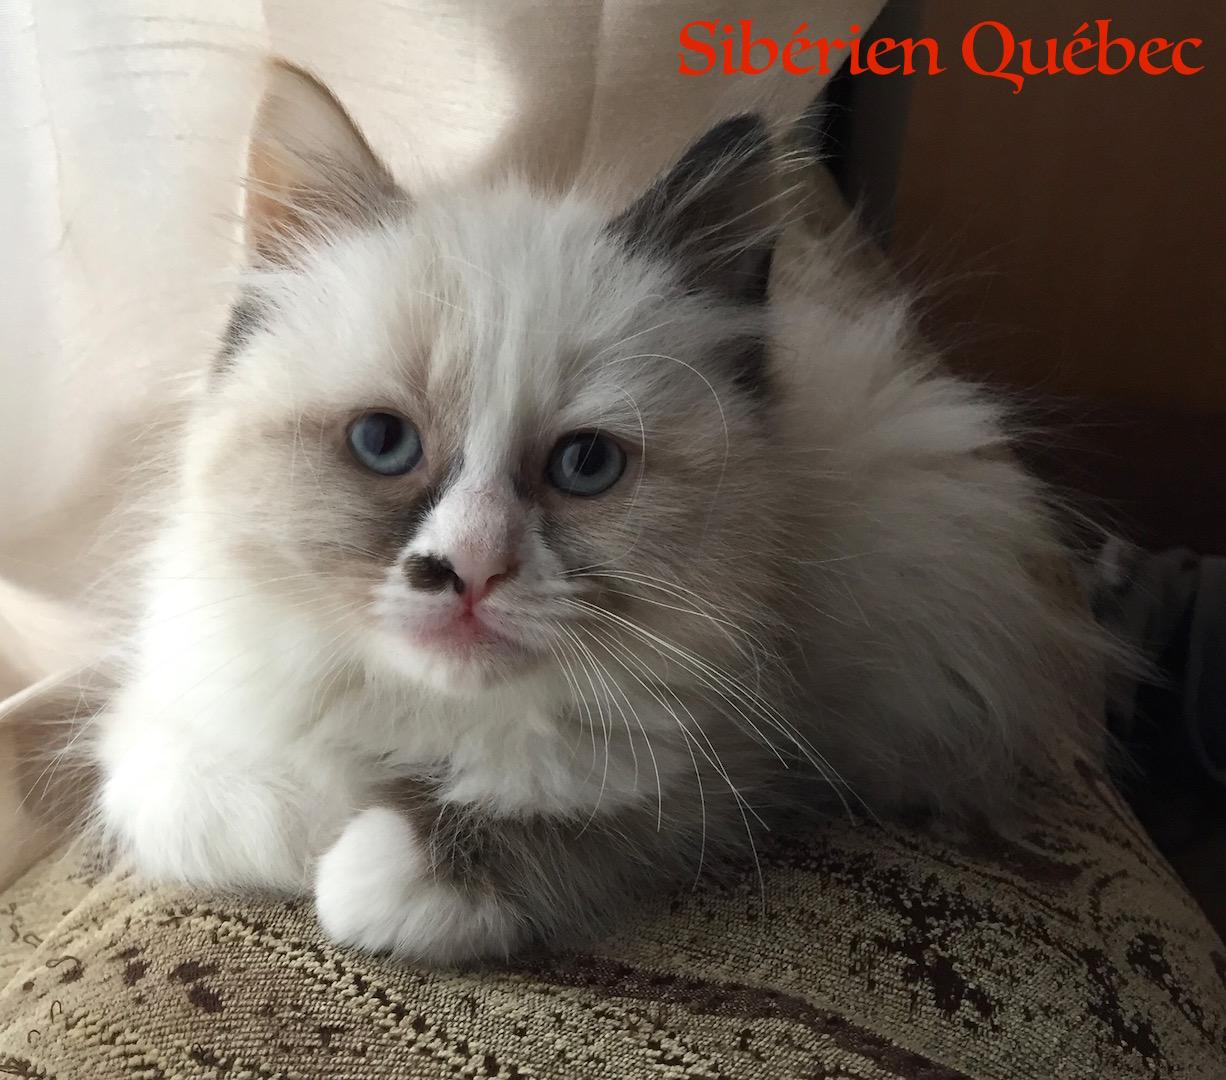 Meli-melo bébé - Sibérien Québec